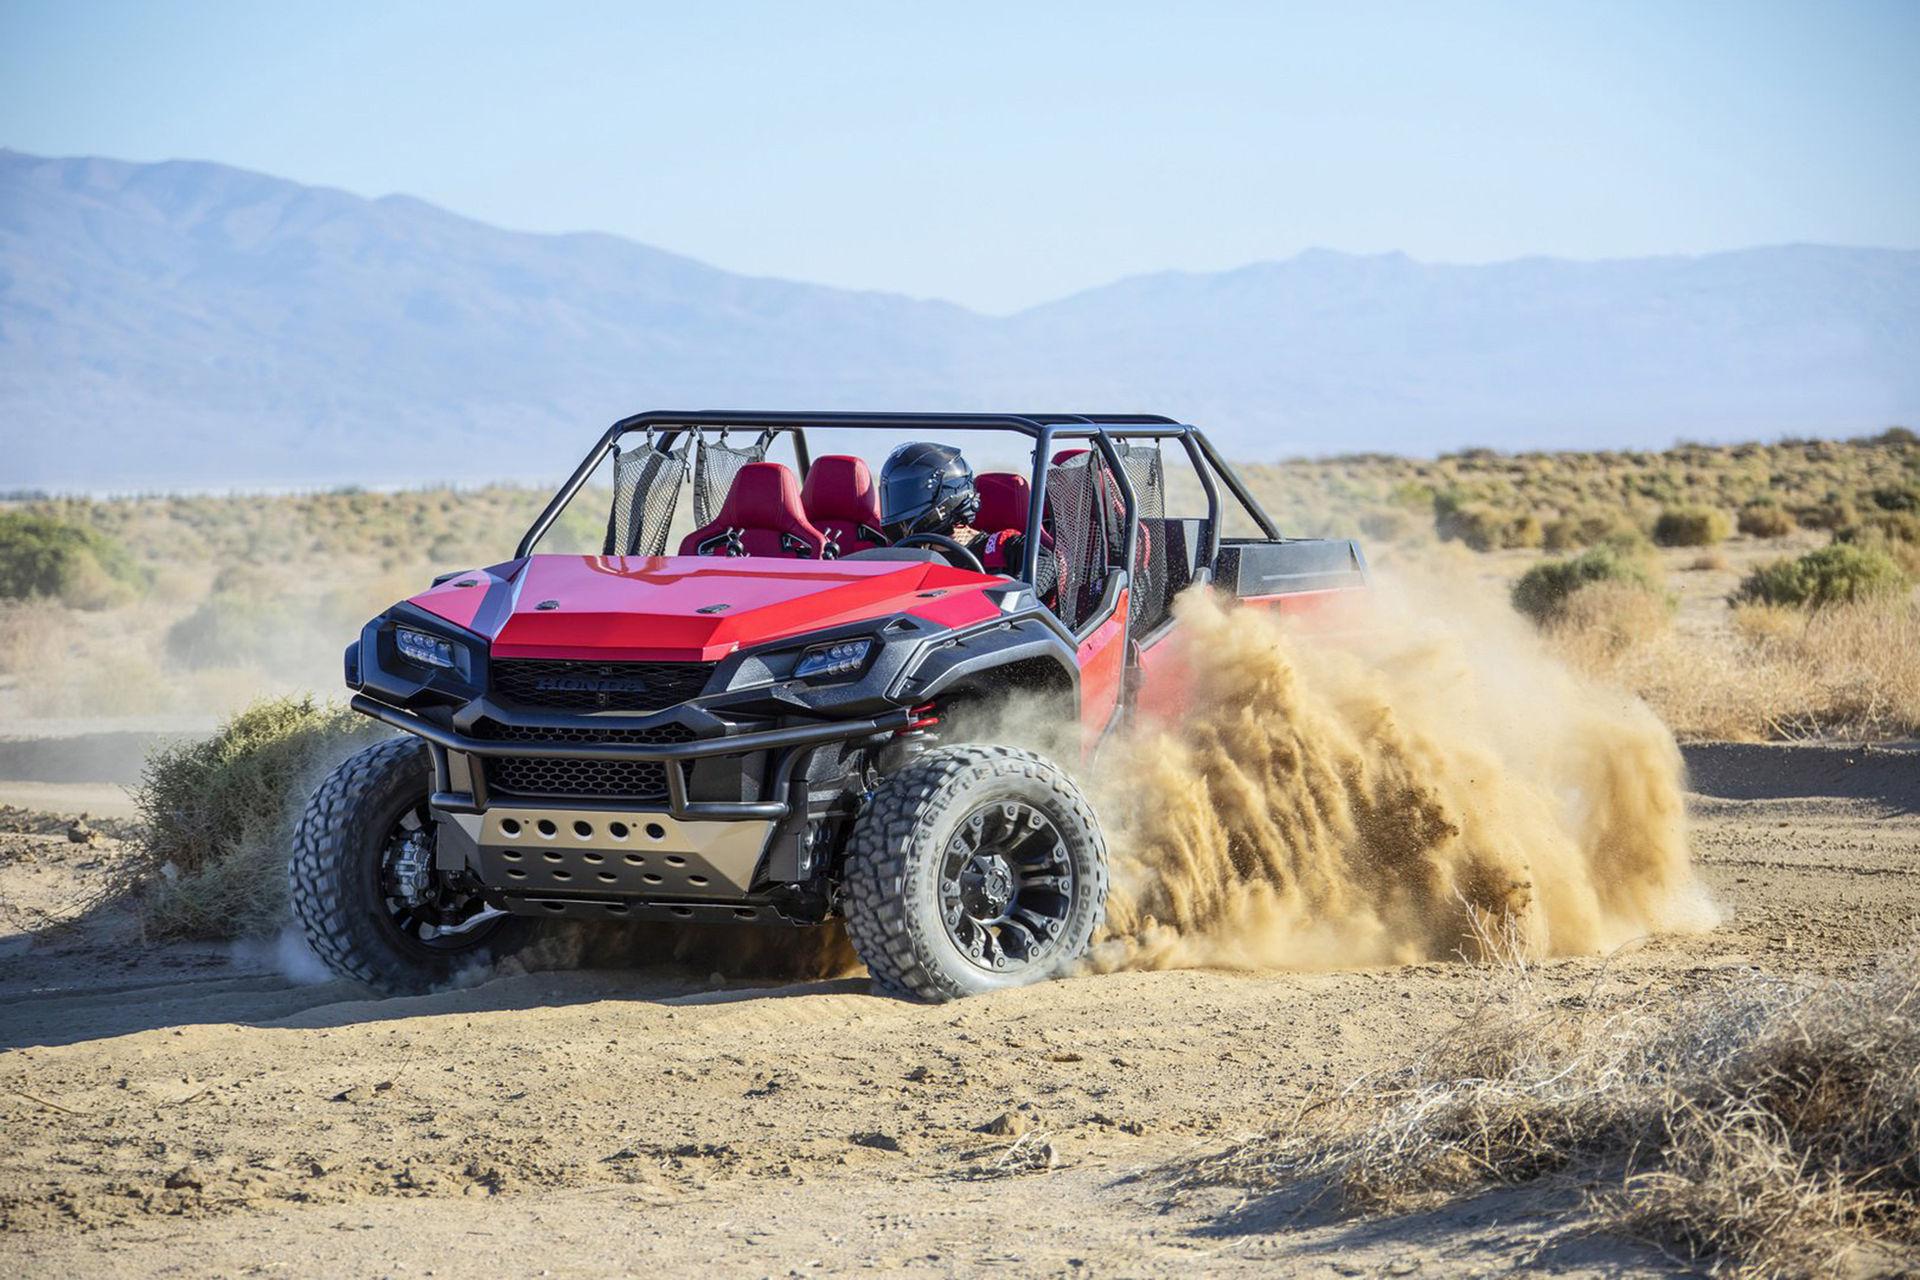 Honda har byggt en buggy baserad på pickupen Ridgeline